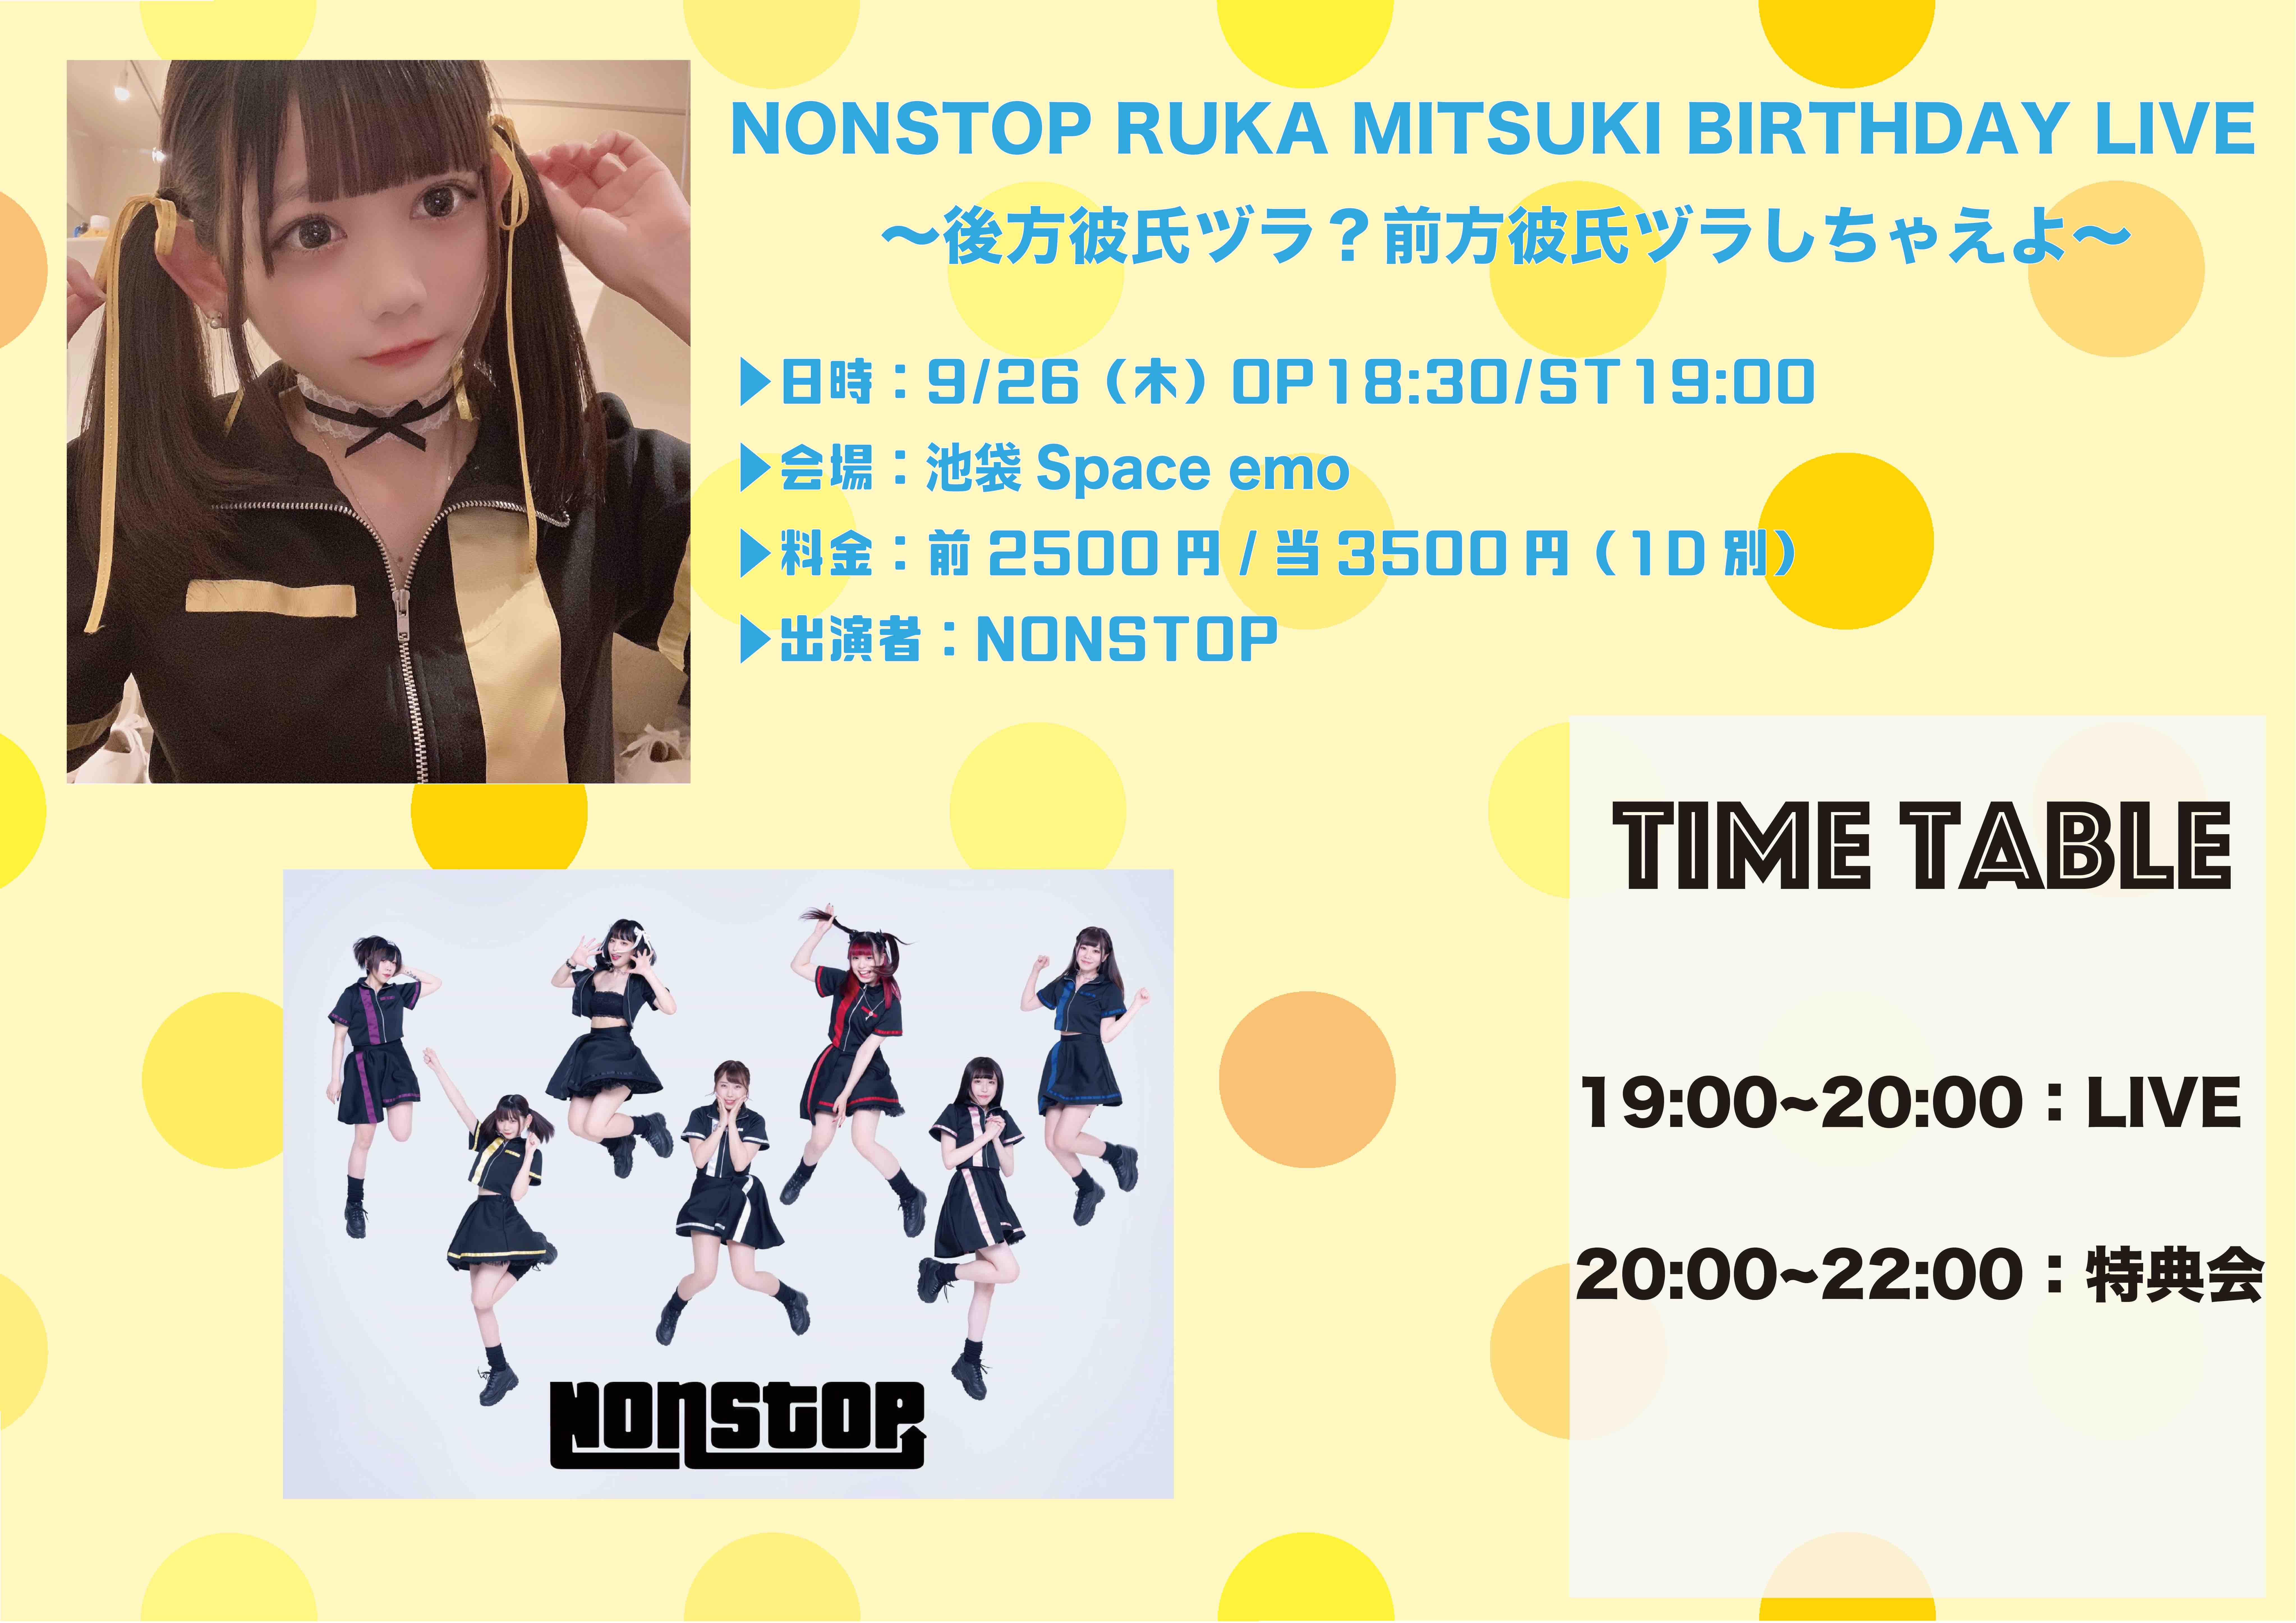 NONSTOP RUKA MITSUKI BIRTHDAY LIVE〜後方彼氏ヅラ?前方彼氏ヅラしちゃえよ〜